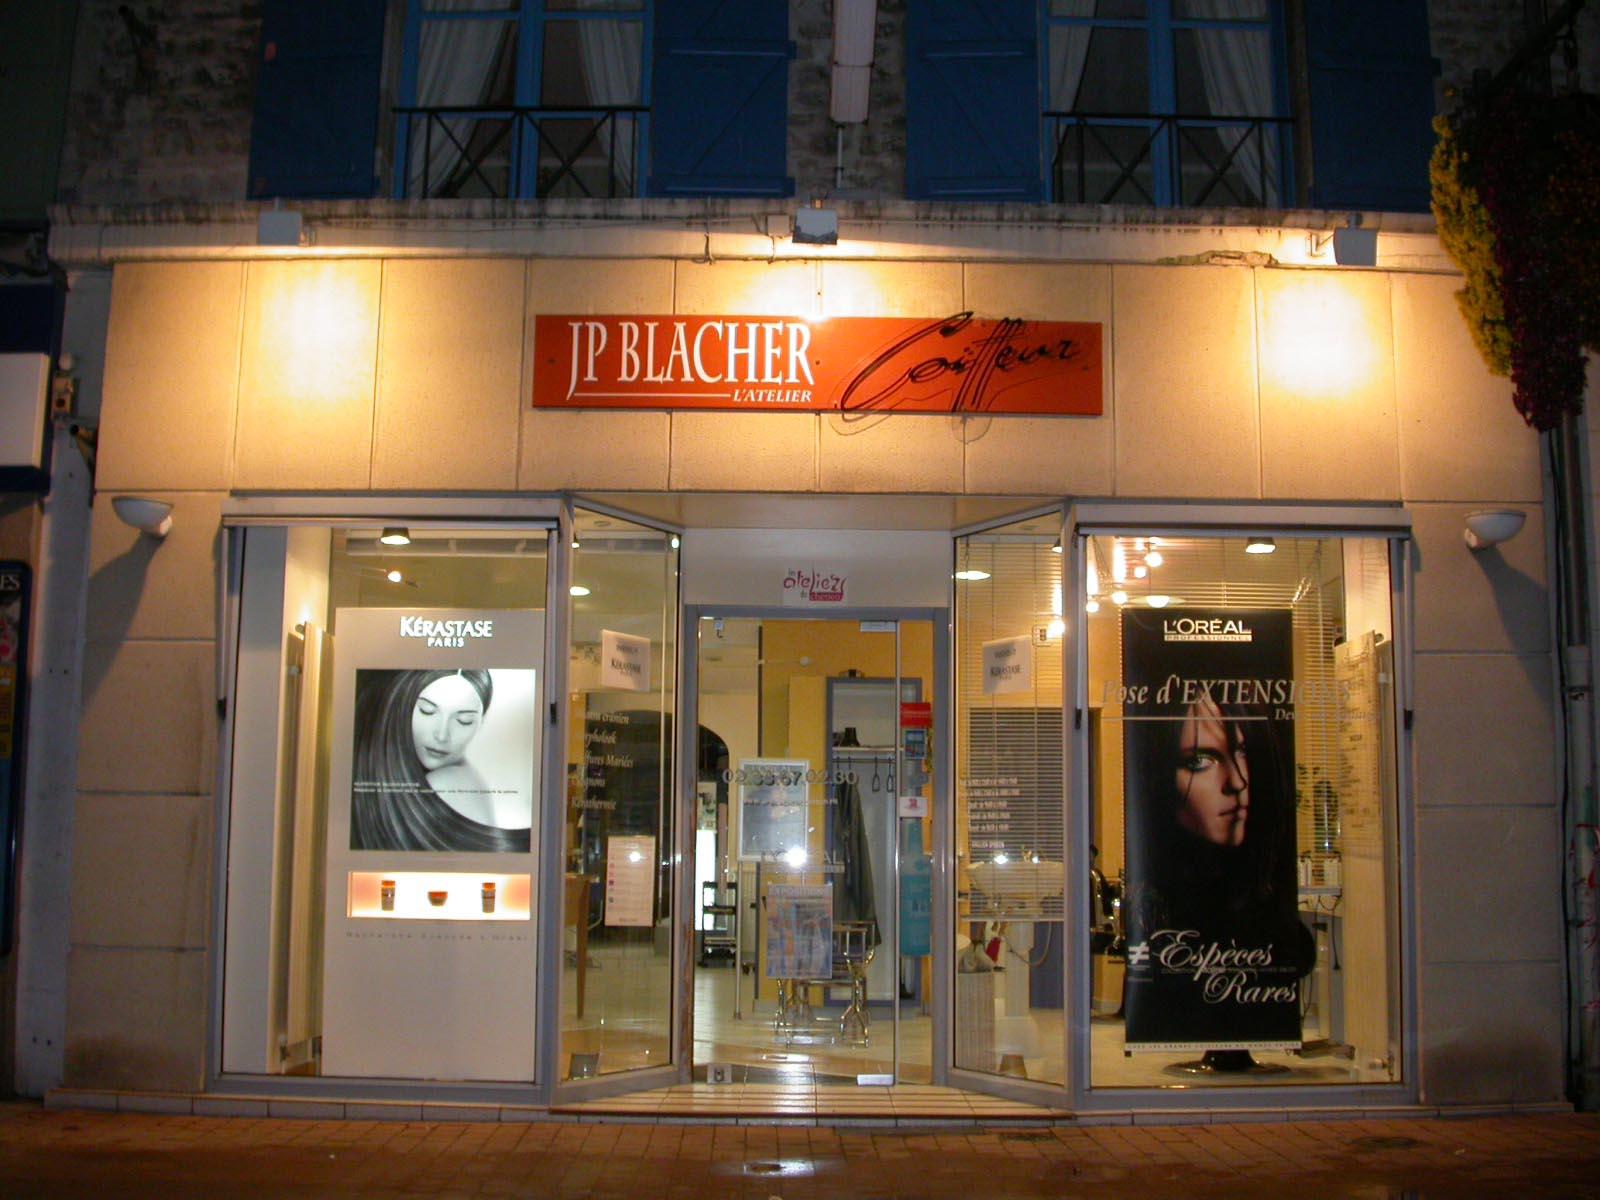 JP Blacher coiffeur - Argentan